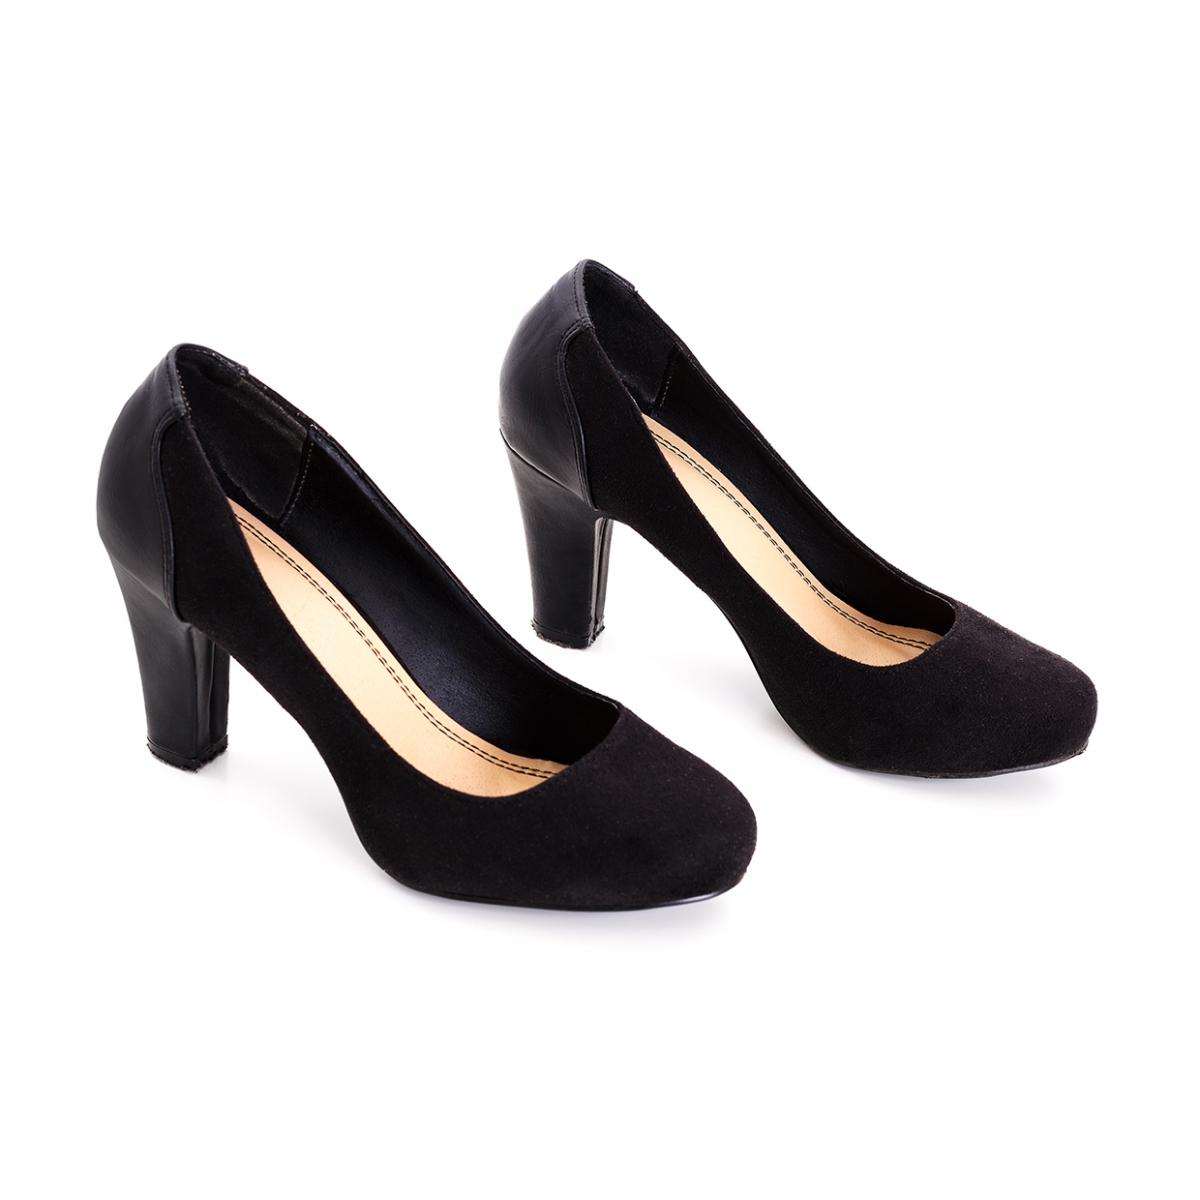 Imagen en la que se ve un par de zapatos de tacón